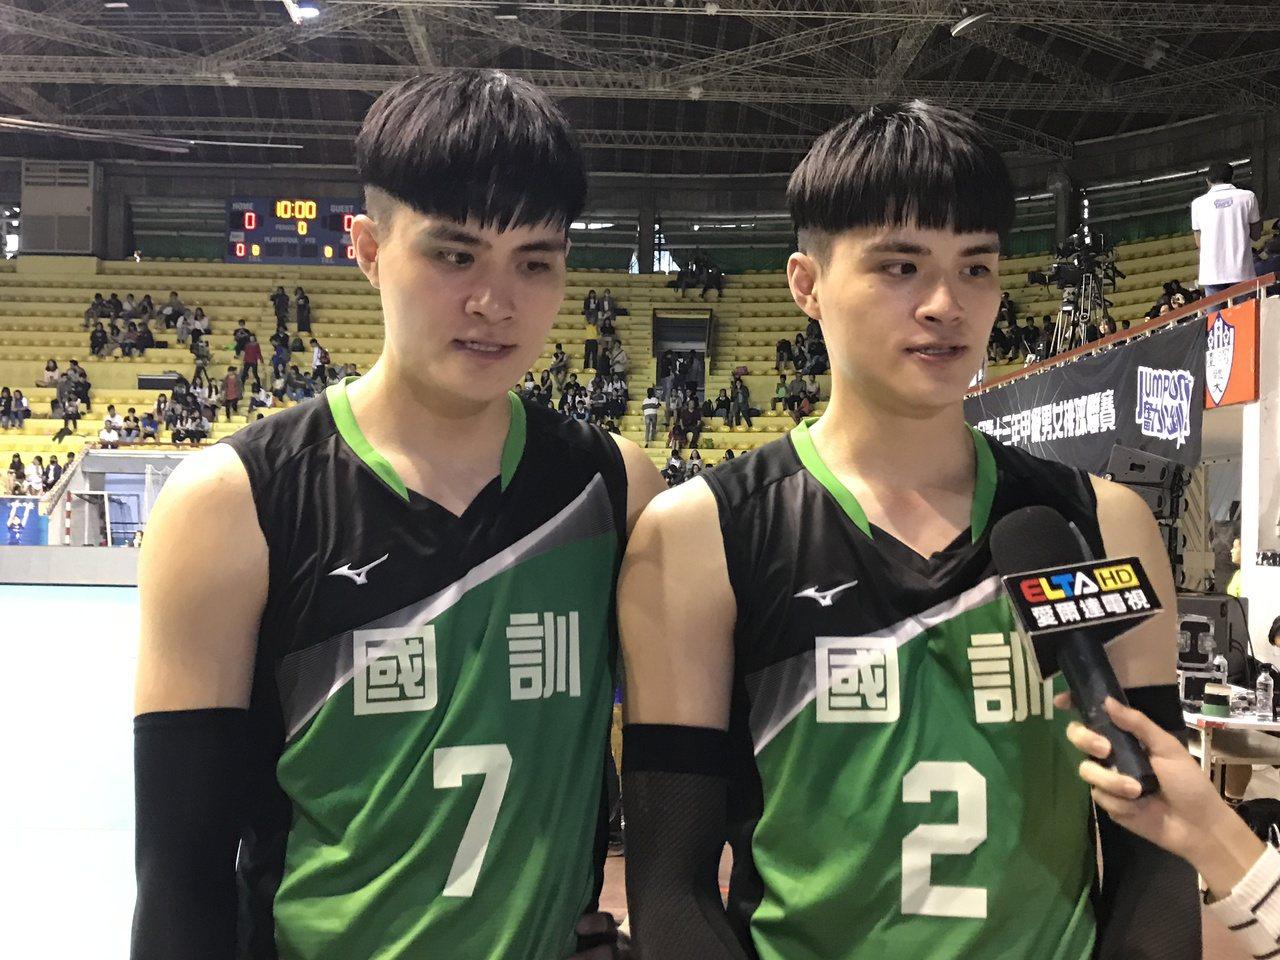 劉鴻敏(左)、劉鴻杰披上國訓戰袍首戰。